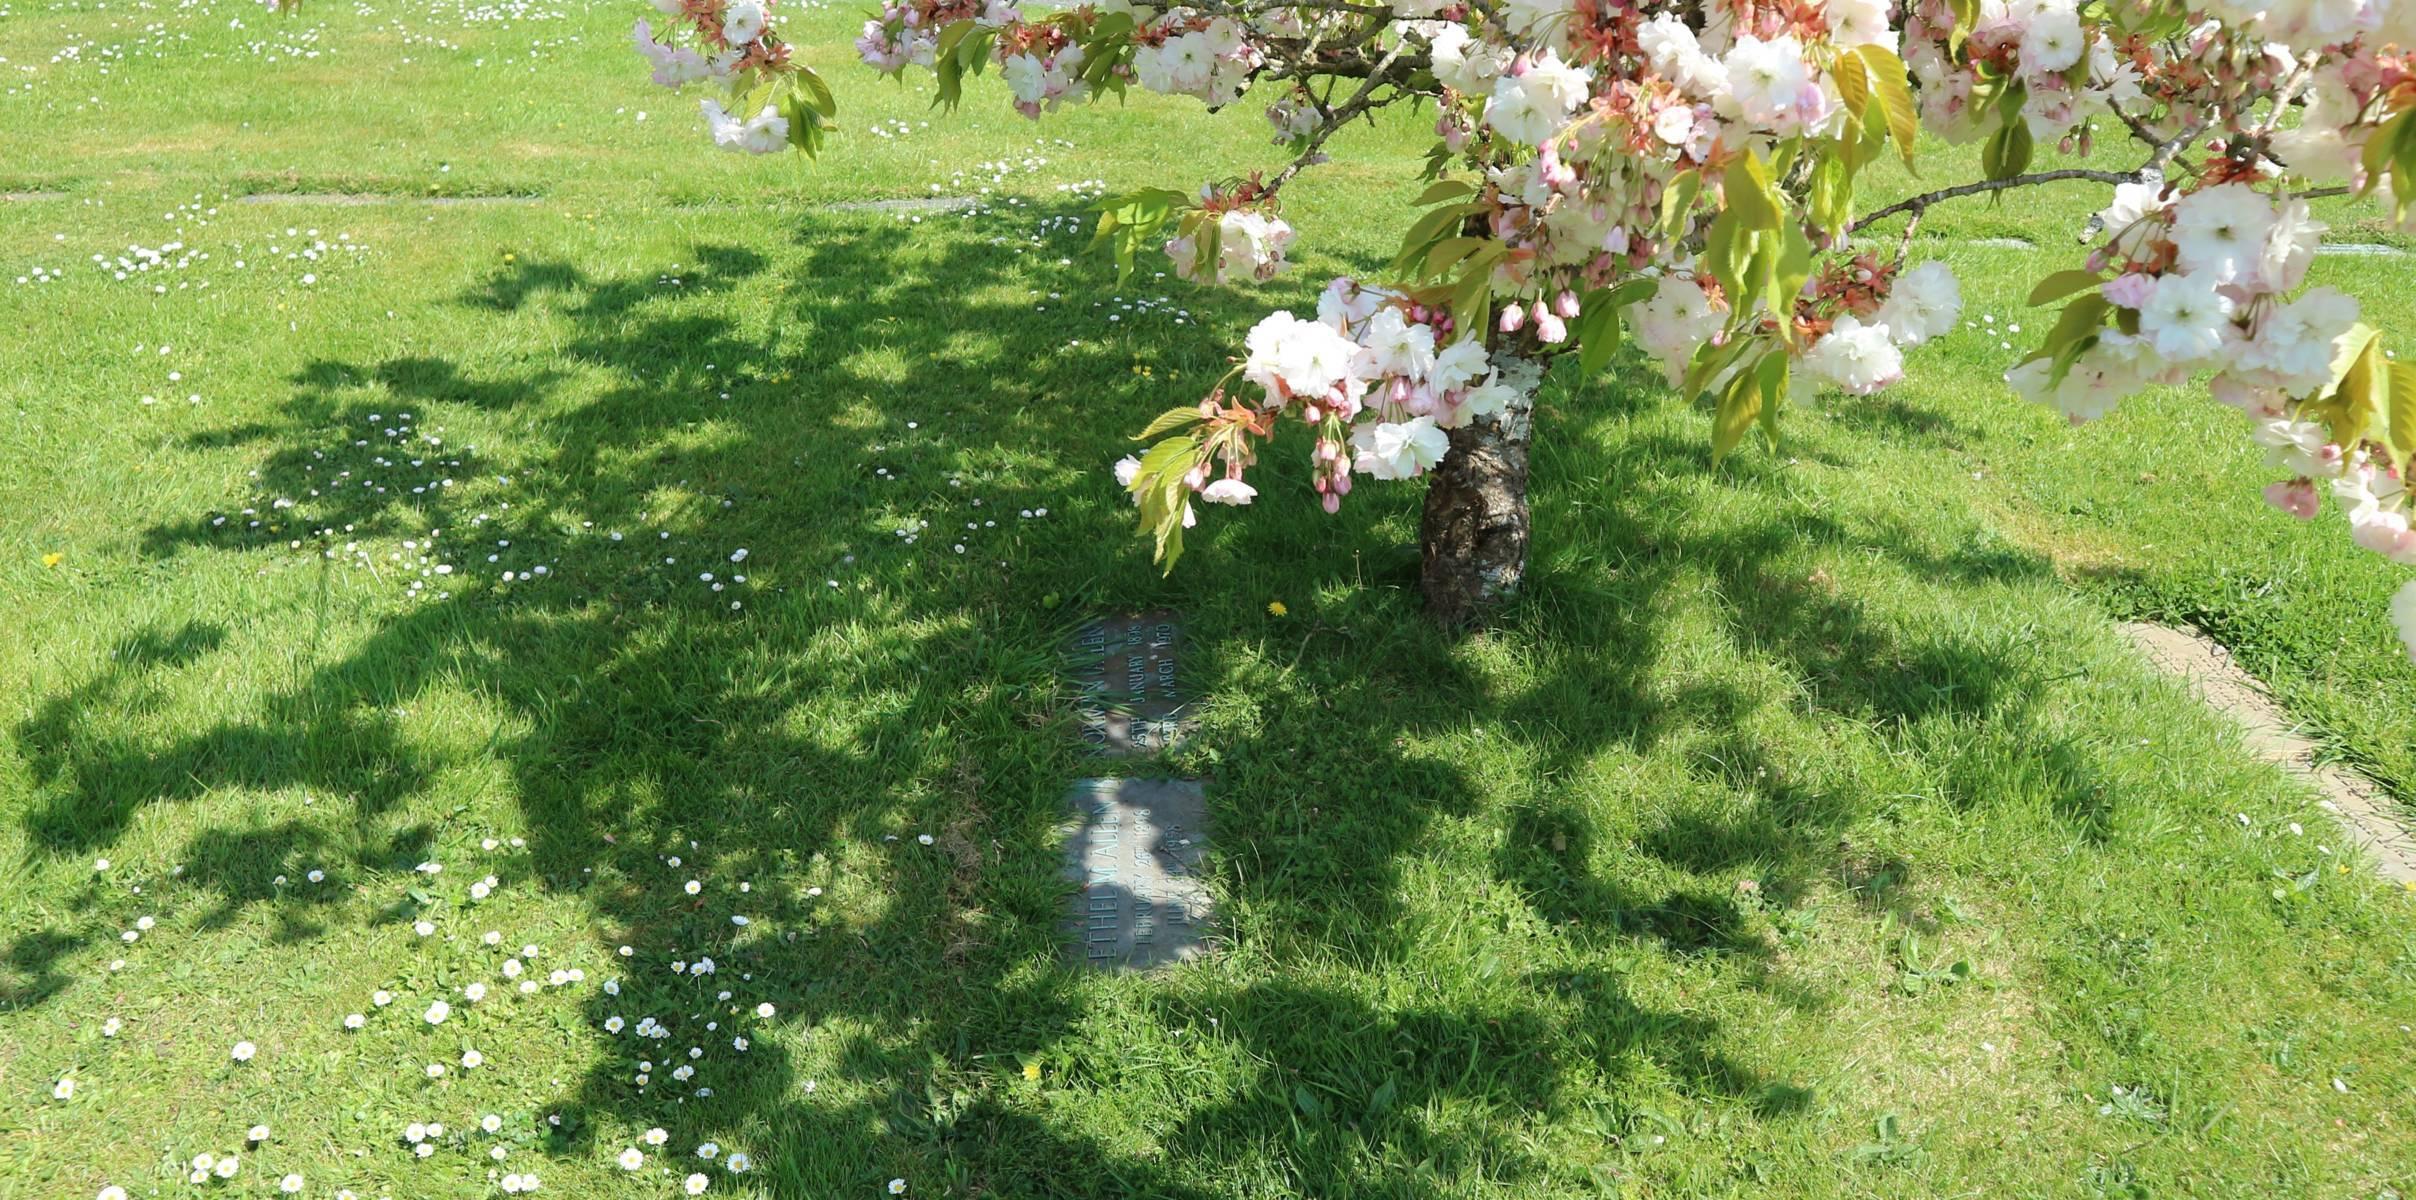 http://drakememorialpark.co.uk/upload/gallery_image/a169b4270319114816.JPG